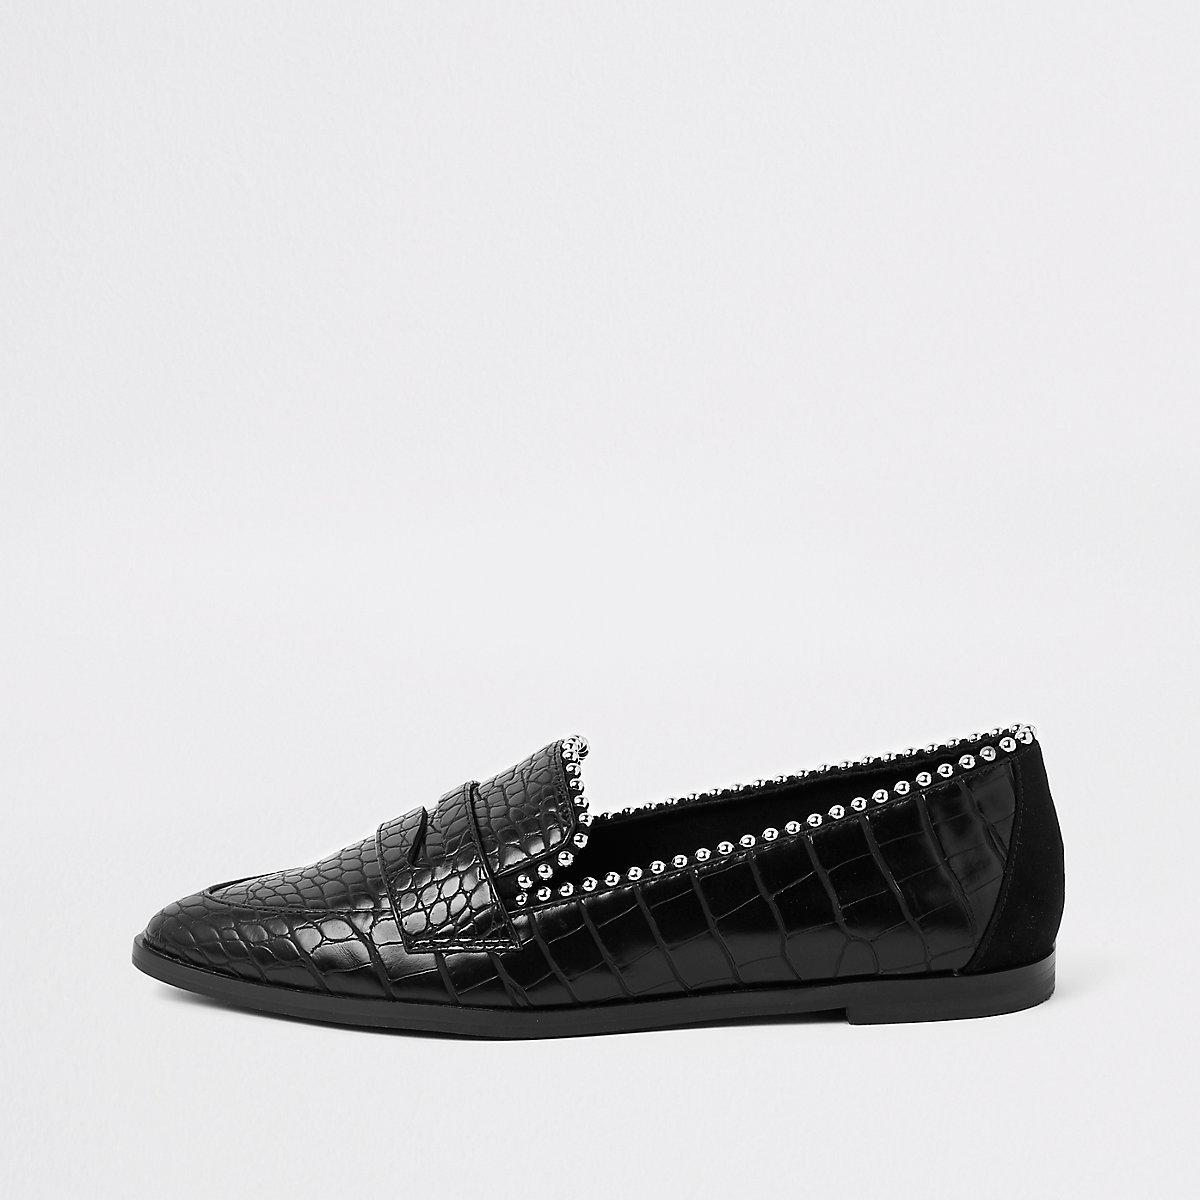 Black croc embossed stud embellished loafers